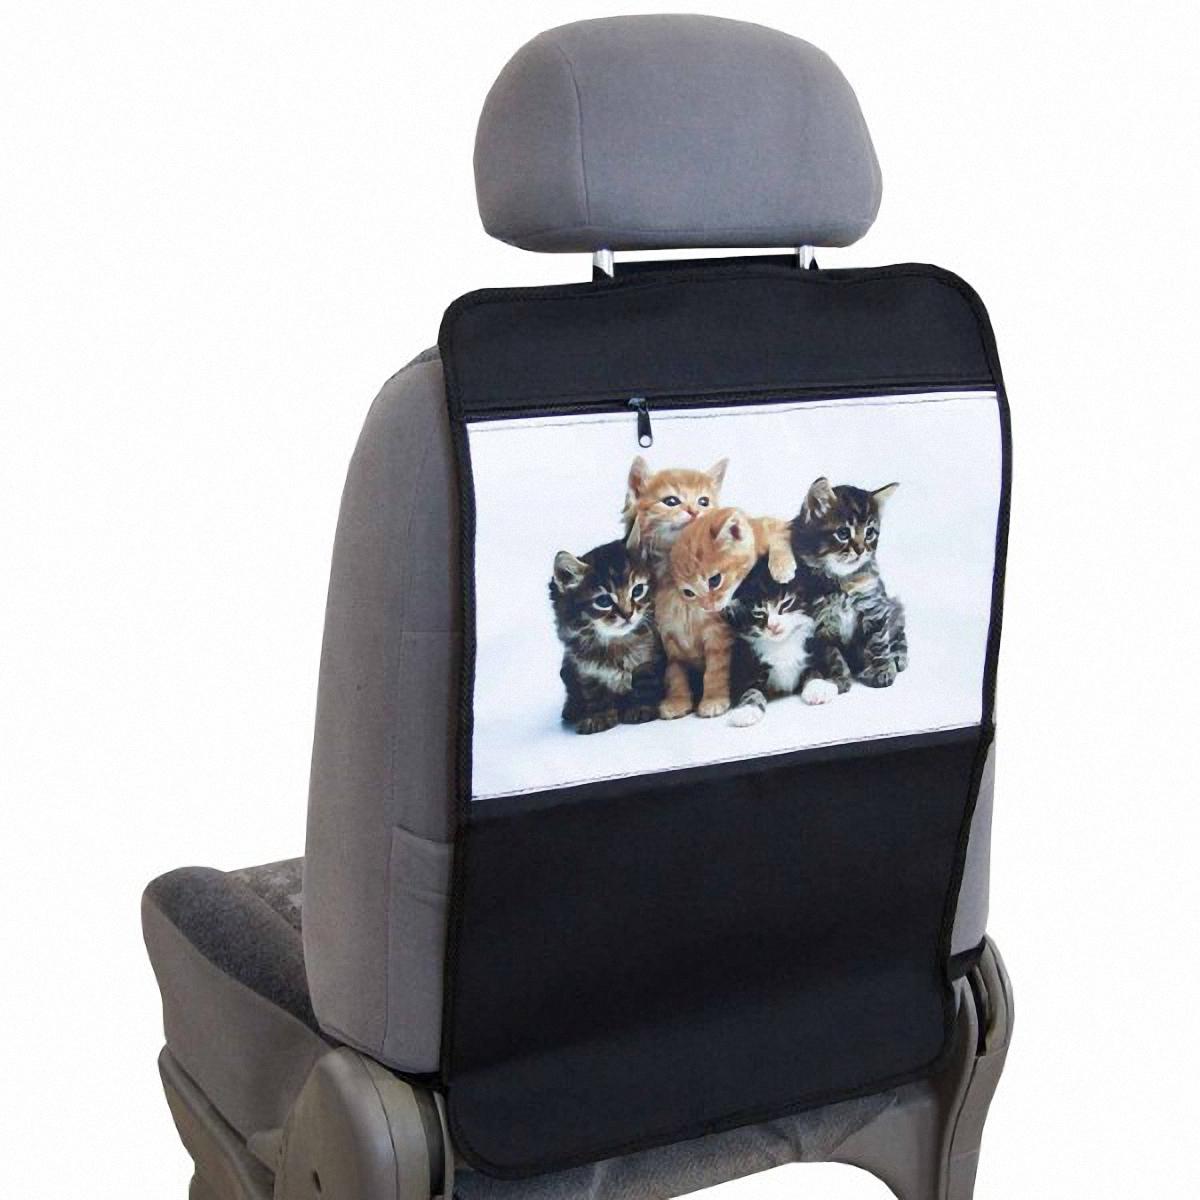 Накидка-органайзер защитная Skyway Котята, на спинку сидения, 37 х 55 см. S0610100474004Защитная накидка-органайзер Skyway Котята изготовлена изиз материалов, отличающихся высокими эксплуатационными характеристиками, благодаря чему в течение длительного времени сохраняют презентабельный внешний вид. Ткань накидки устойчива к механическому воздействию, а также является достаточно прочной и плотной для того, чтобы не пропустить жидкости и другие источники загрязнений к обивке сидений. А рисунок в виде котят порадует вашего ребенка.Размер изделия: 37 х 55 см.